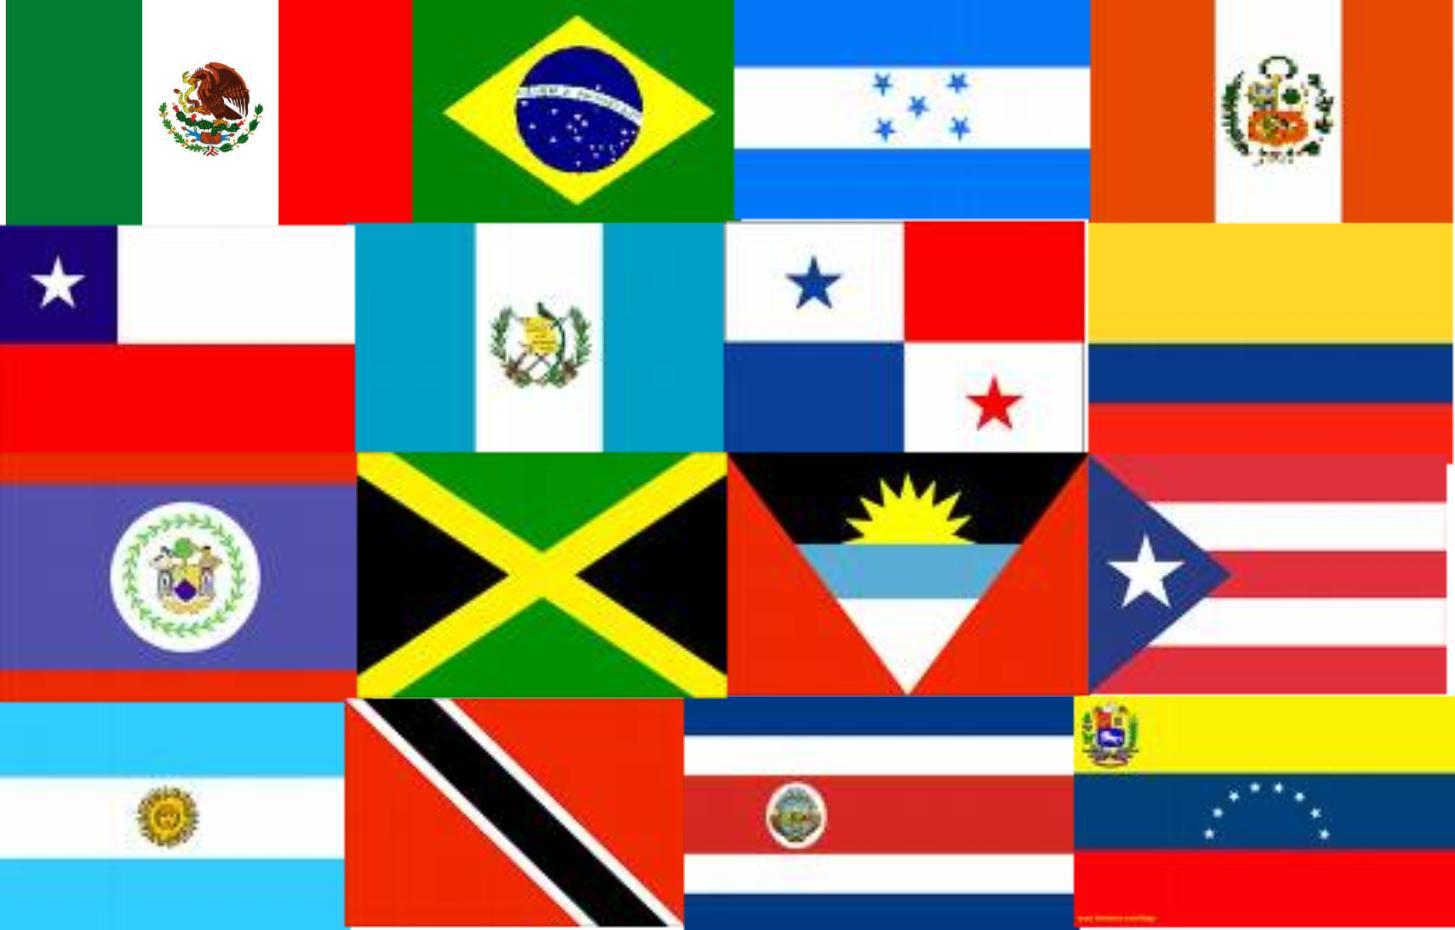 Bloco latino-americano e caribenho se ajusta a objetivos na região, dizem EUA